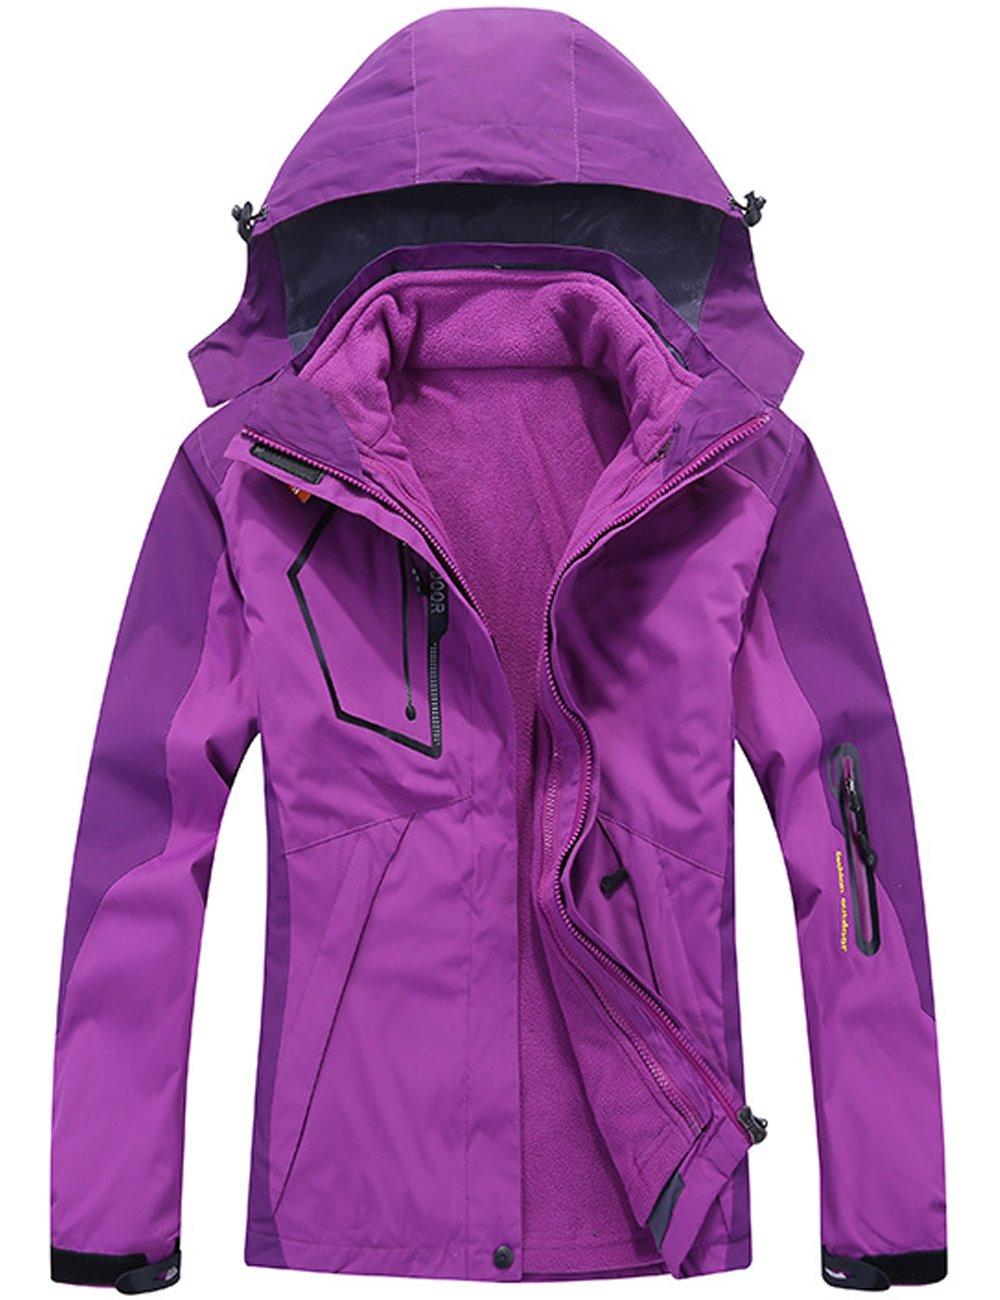 CUKKE OUTERWEAR レディース B0785G8GFL L|Purple Nv1201 Purple Nv1201 L